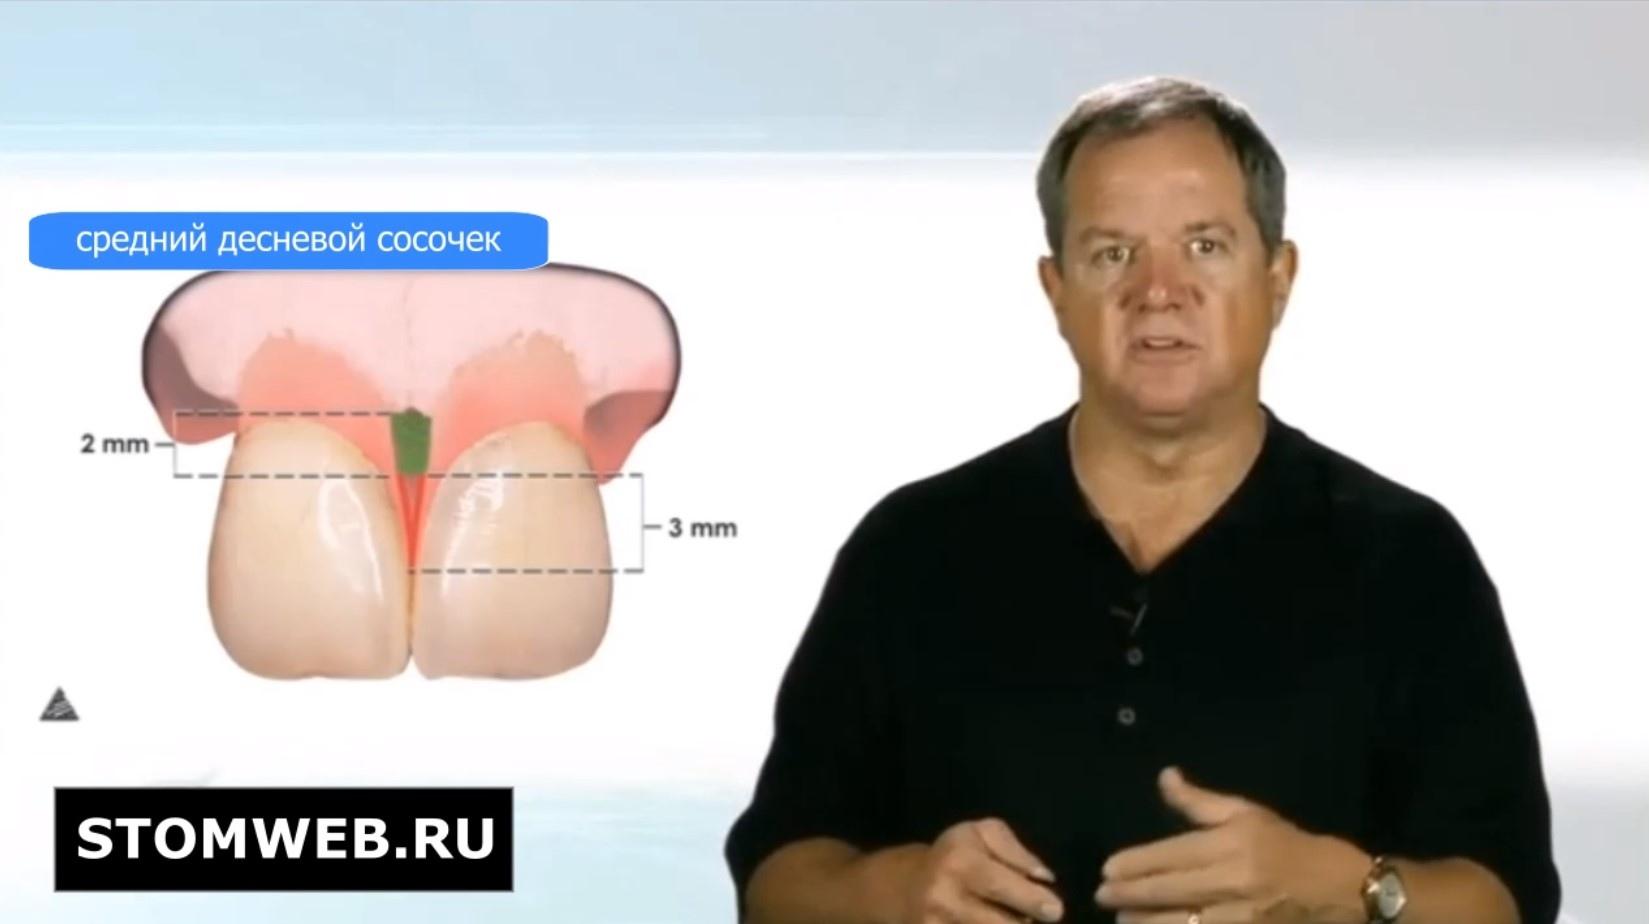 Биологическая ширина. Строение и анатомия.